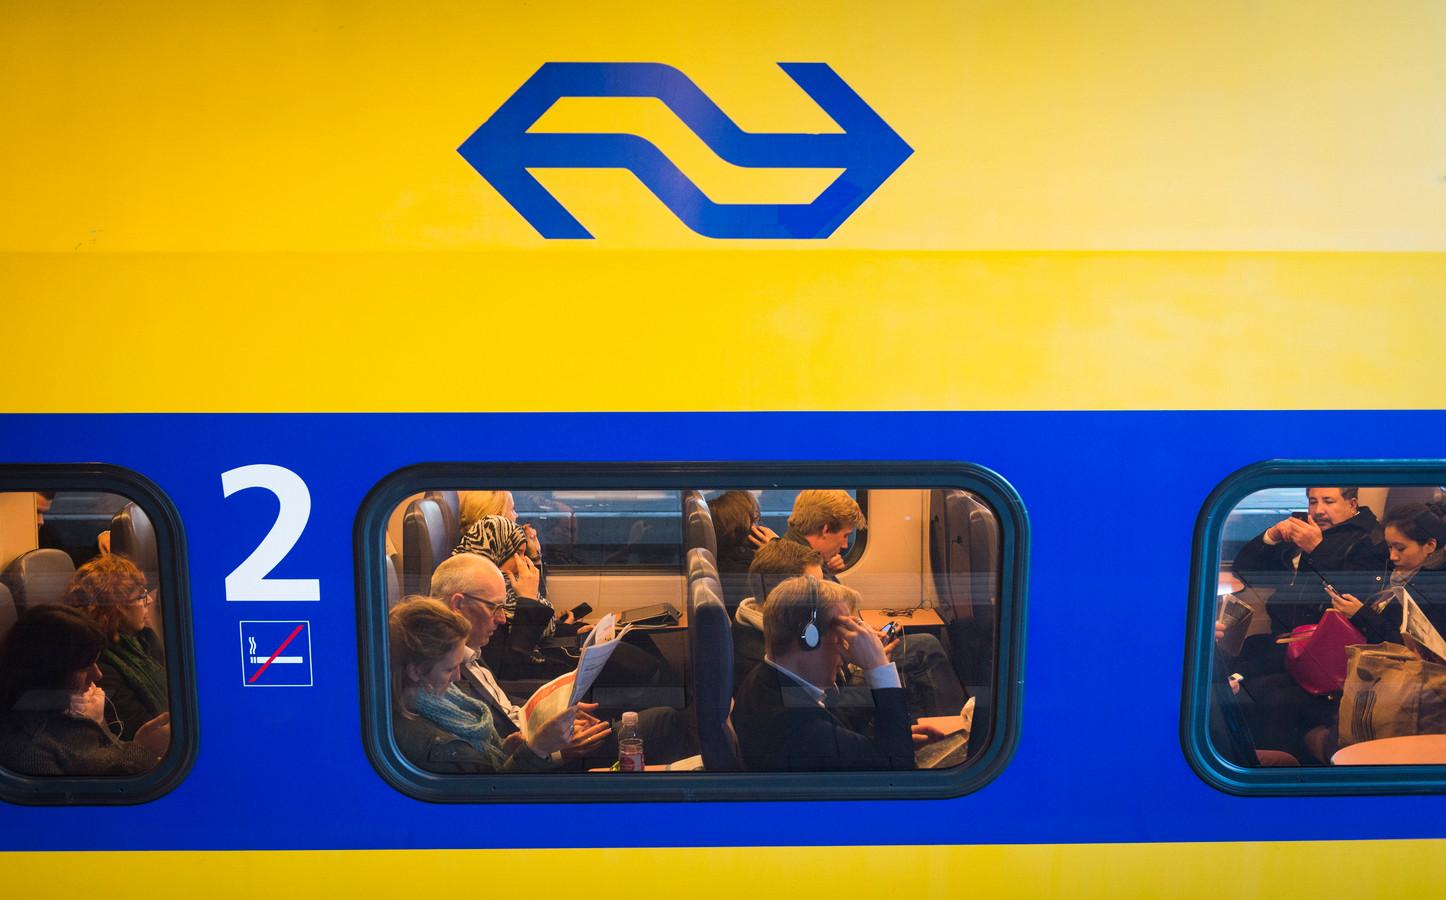 Foto ter illustratie. Voor het initiatief Anders Reizen voeren 41 Nederlandse bedrijven maatregelen in om zakelijk reizen duurzamer te maken. Werknemers worden onder meer aangespoord met het openbaar vervoer naar hun werkplek te reizen.